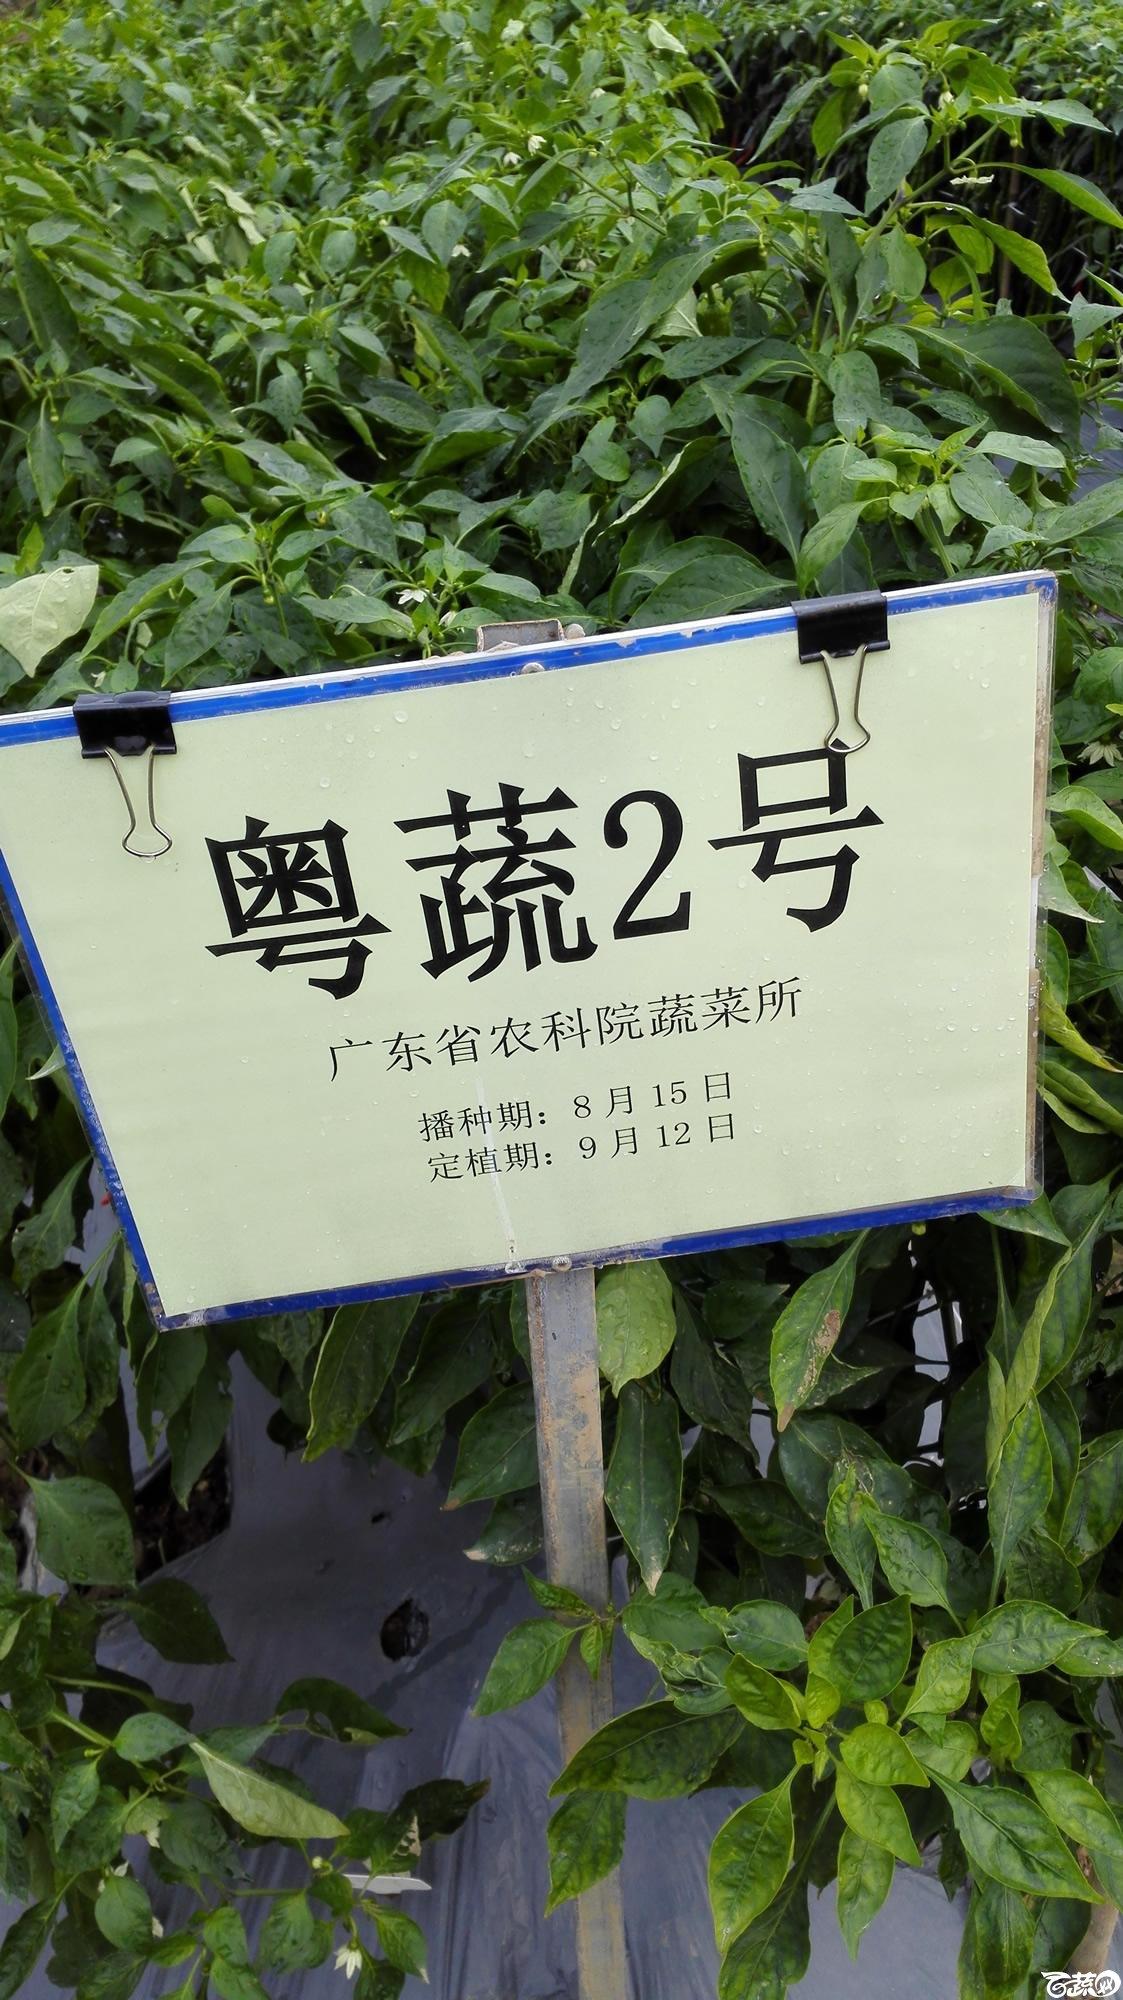 2014年12月8号中山蔬菜新品种展示会_辣椒_176.jpg